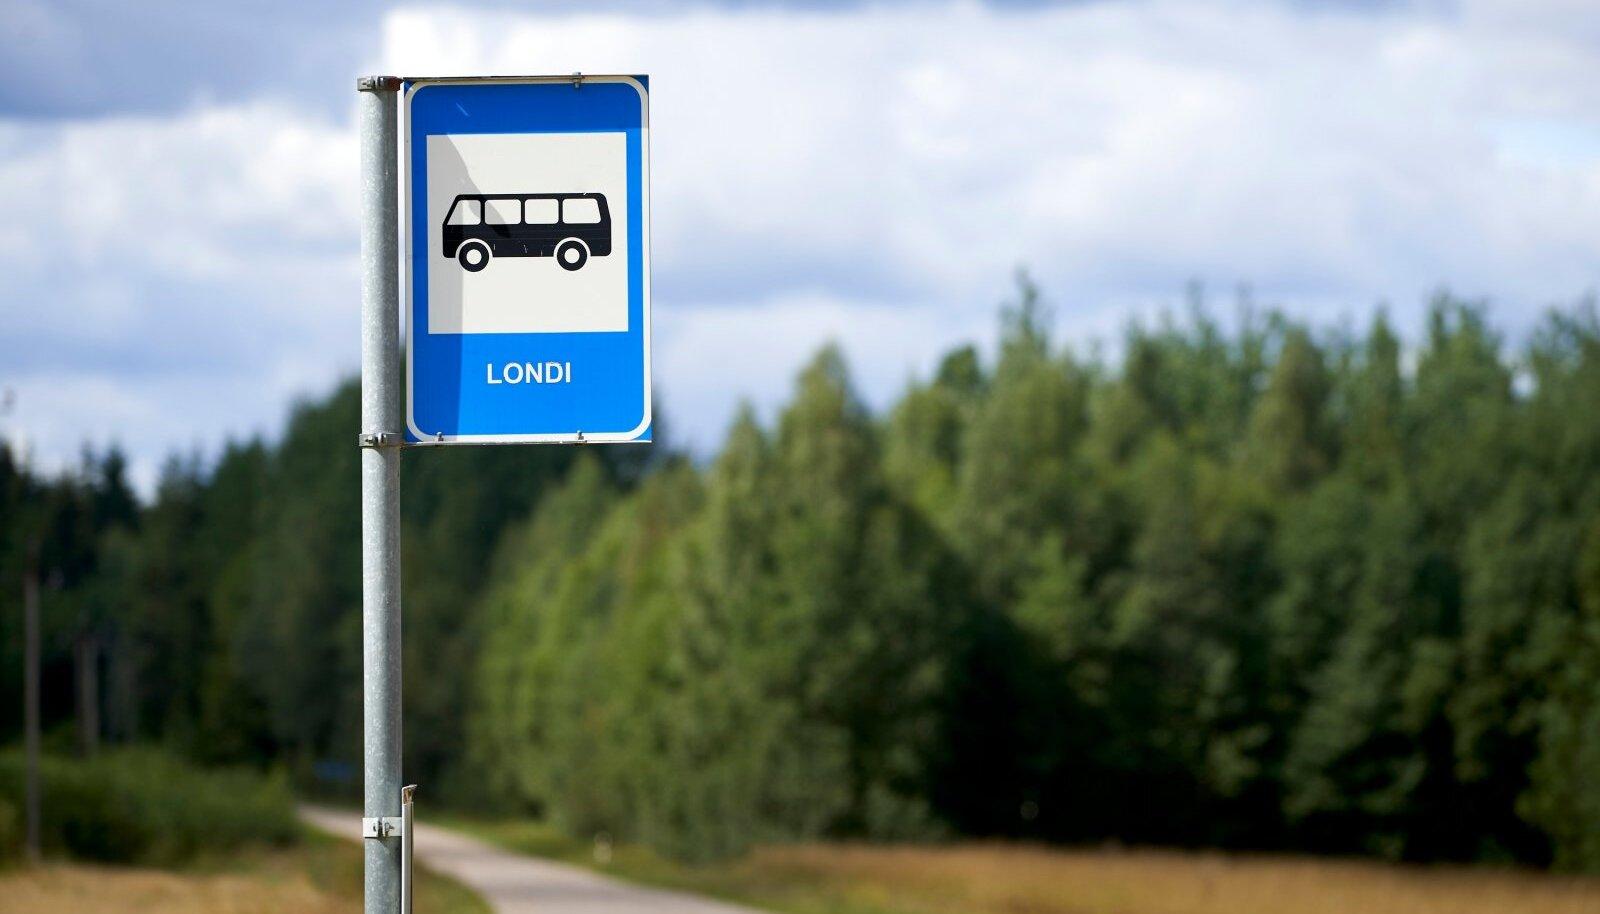 Bussiga Põrgusse sõita ei saa, isegi bussipeatus külas ei kanna Põrgu nime.